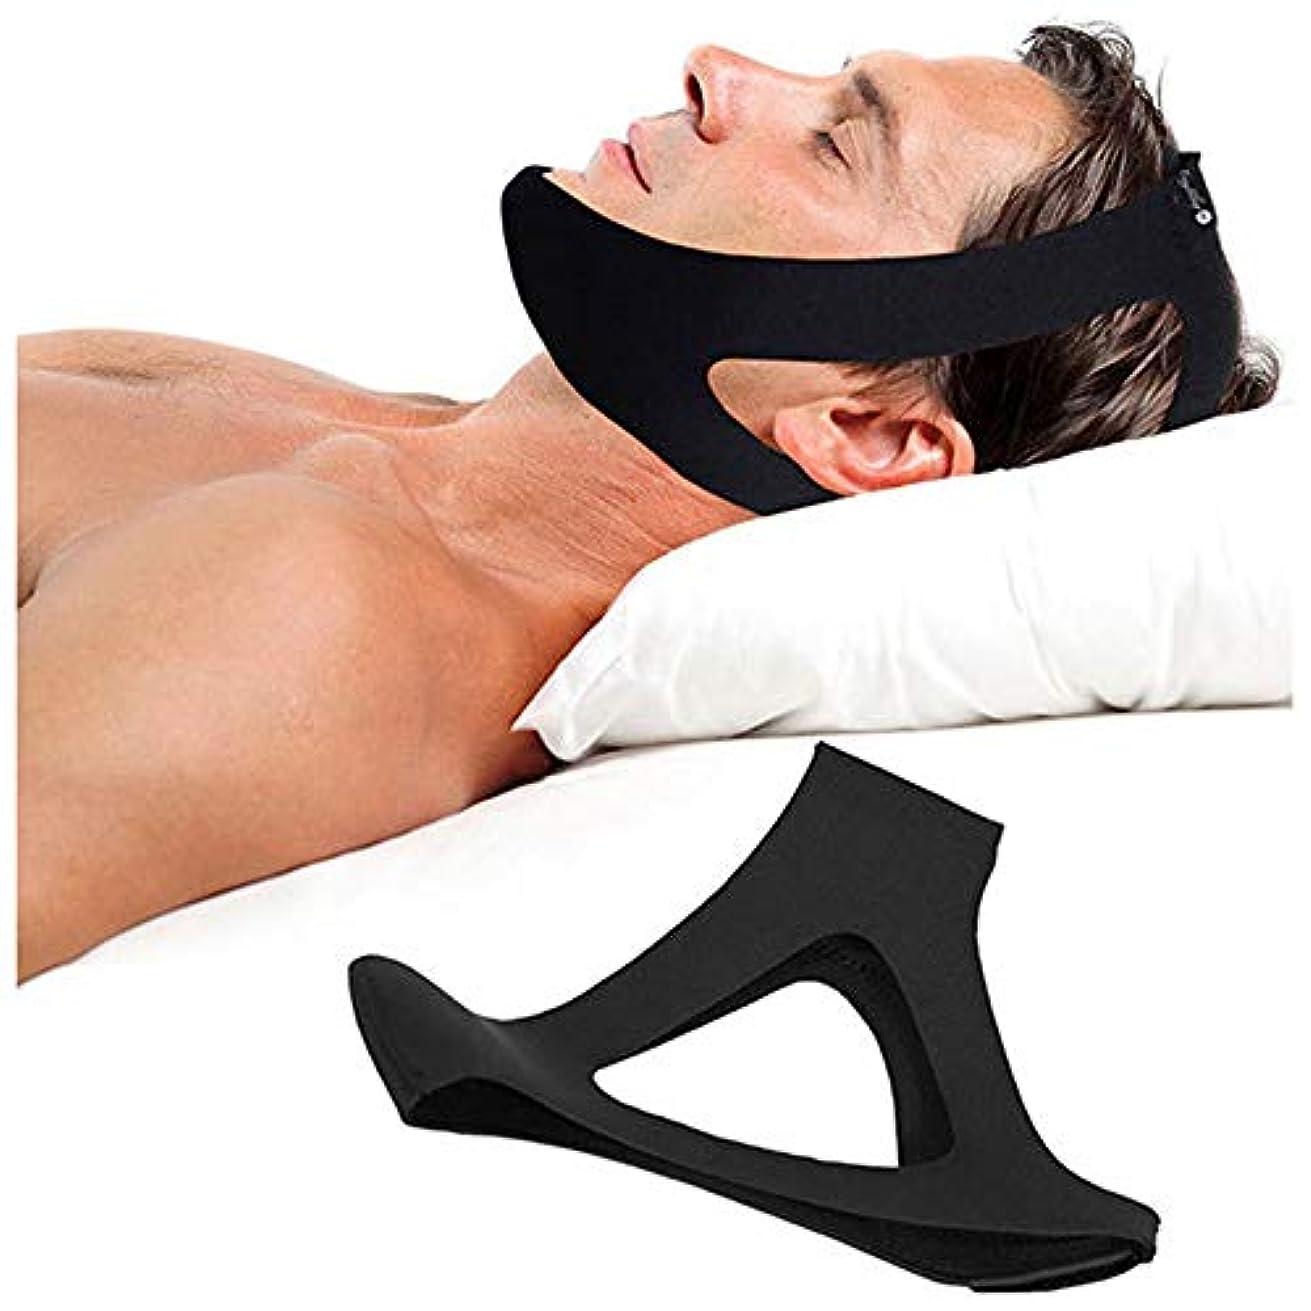 マイナーアート閉じるアンチいびきあごストラップ停止いびきいびきベルト睡眠時無呼吸あごサポートストラップ女性男性ナイト睡眠補助ツールフェイスリフトツール,A